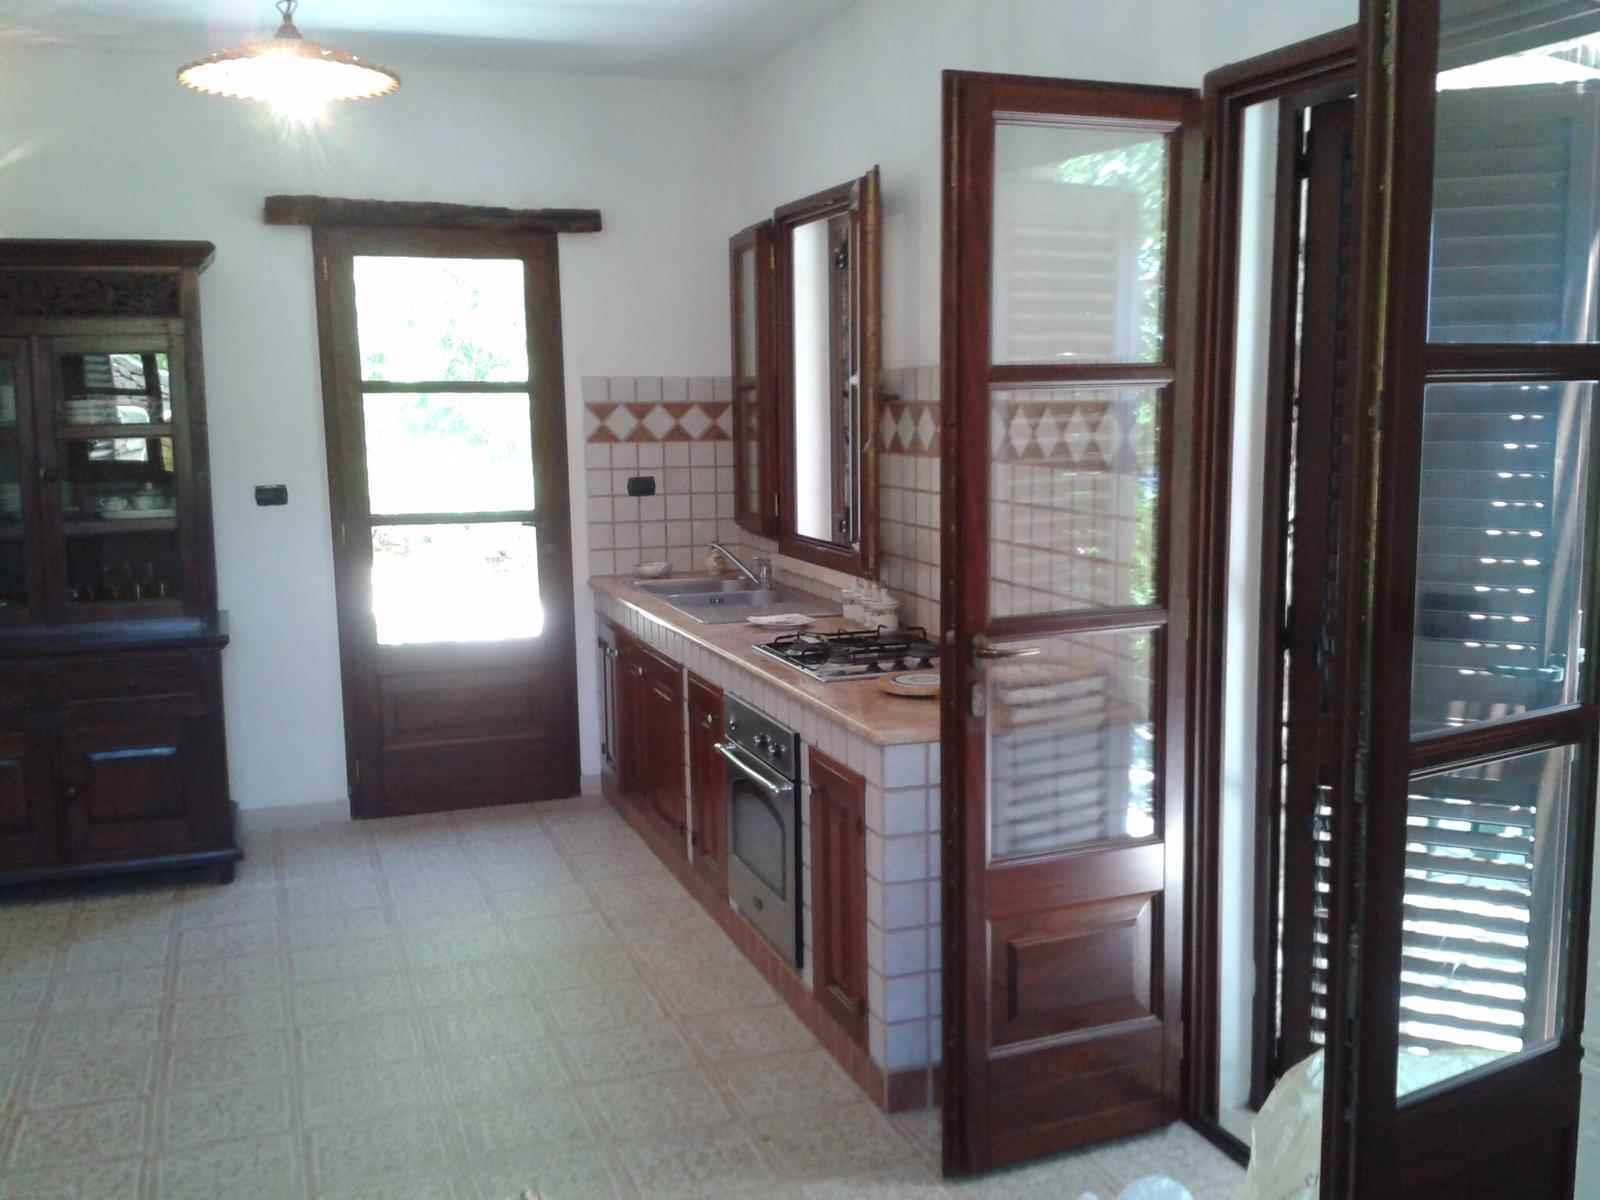 Apartment Mirto Sopra - casa in pietra sul mare photo 24830051